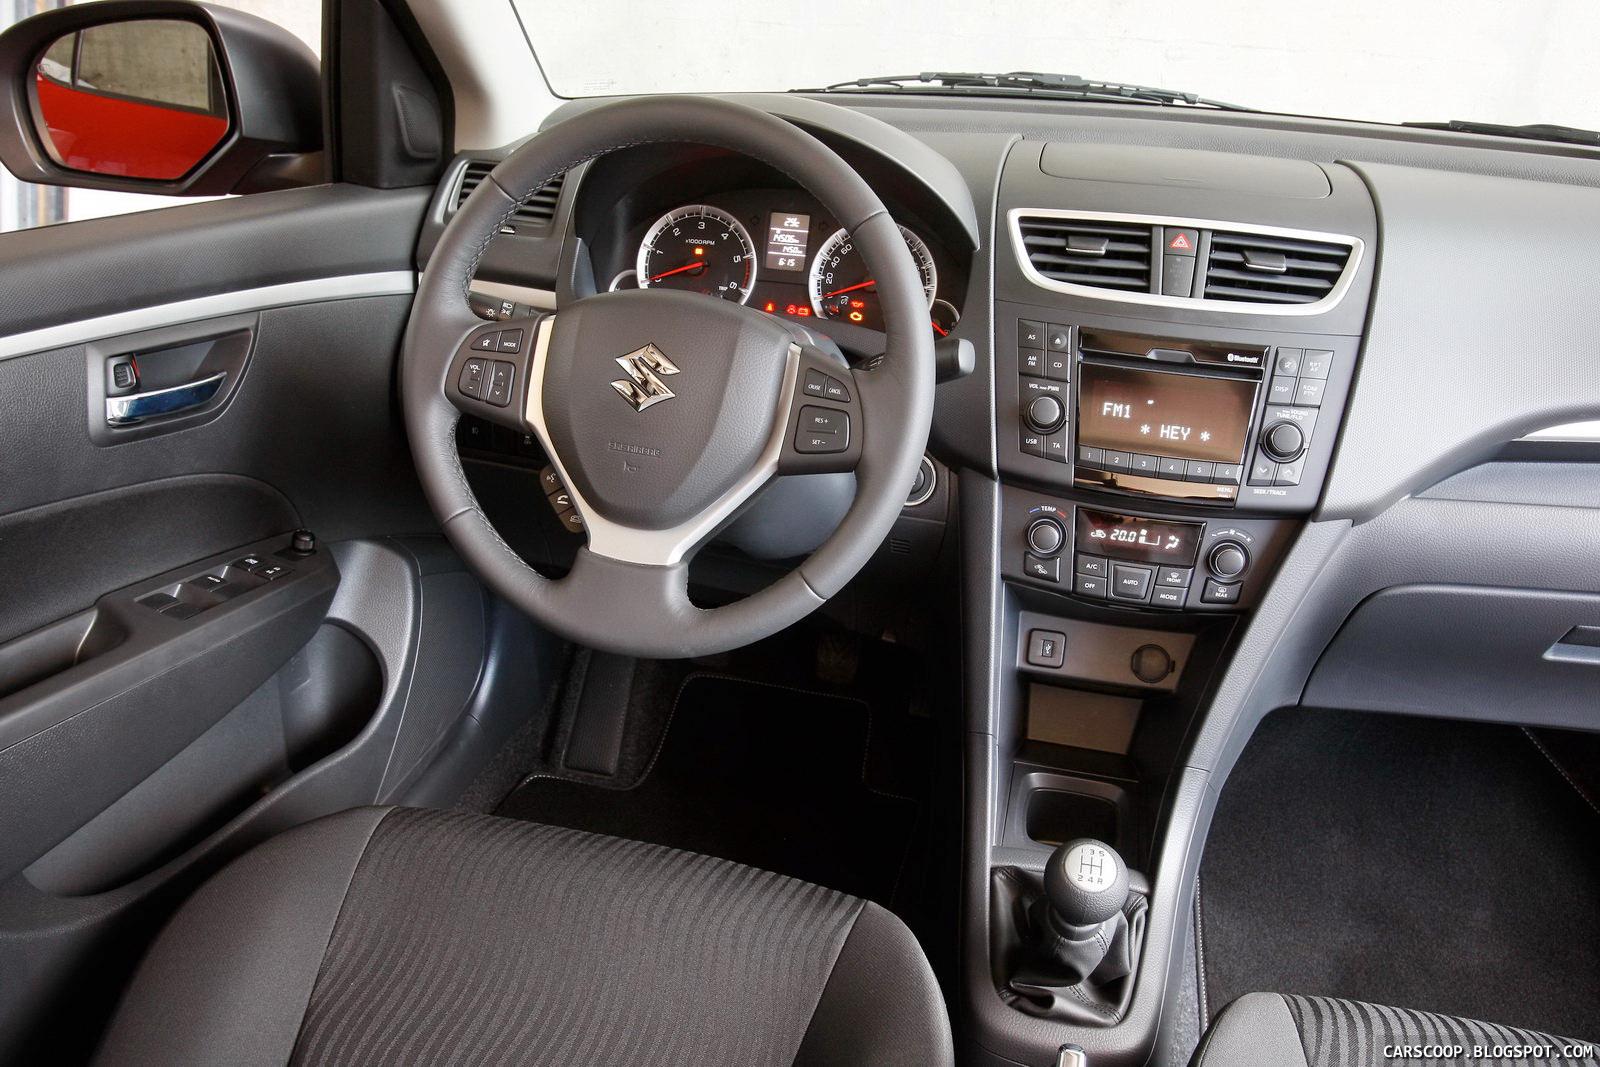 2015 Maruti Suzuki SX4 Spy Shots